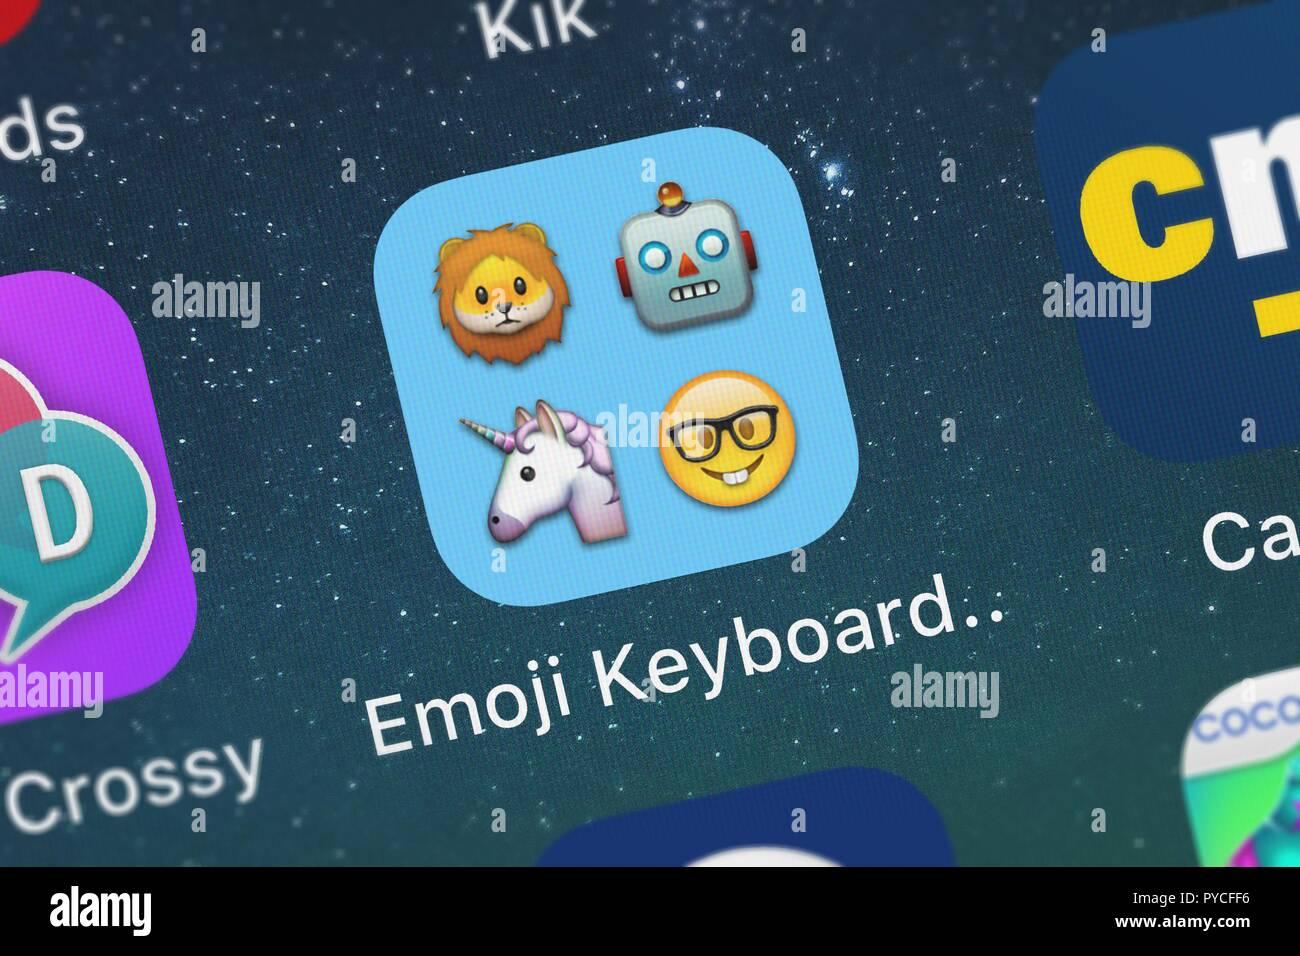 Emoji Keyboard Stock Photos & Emoji Keyboard Stock Images